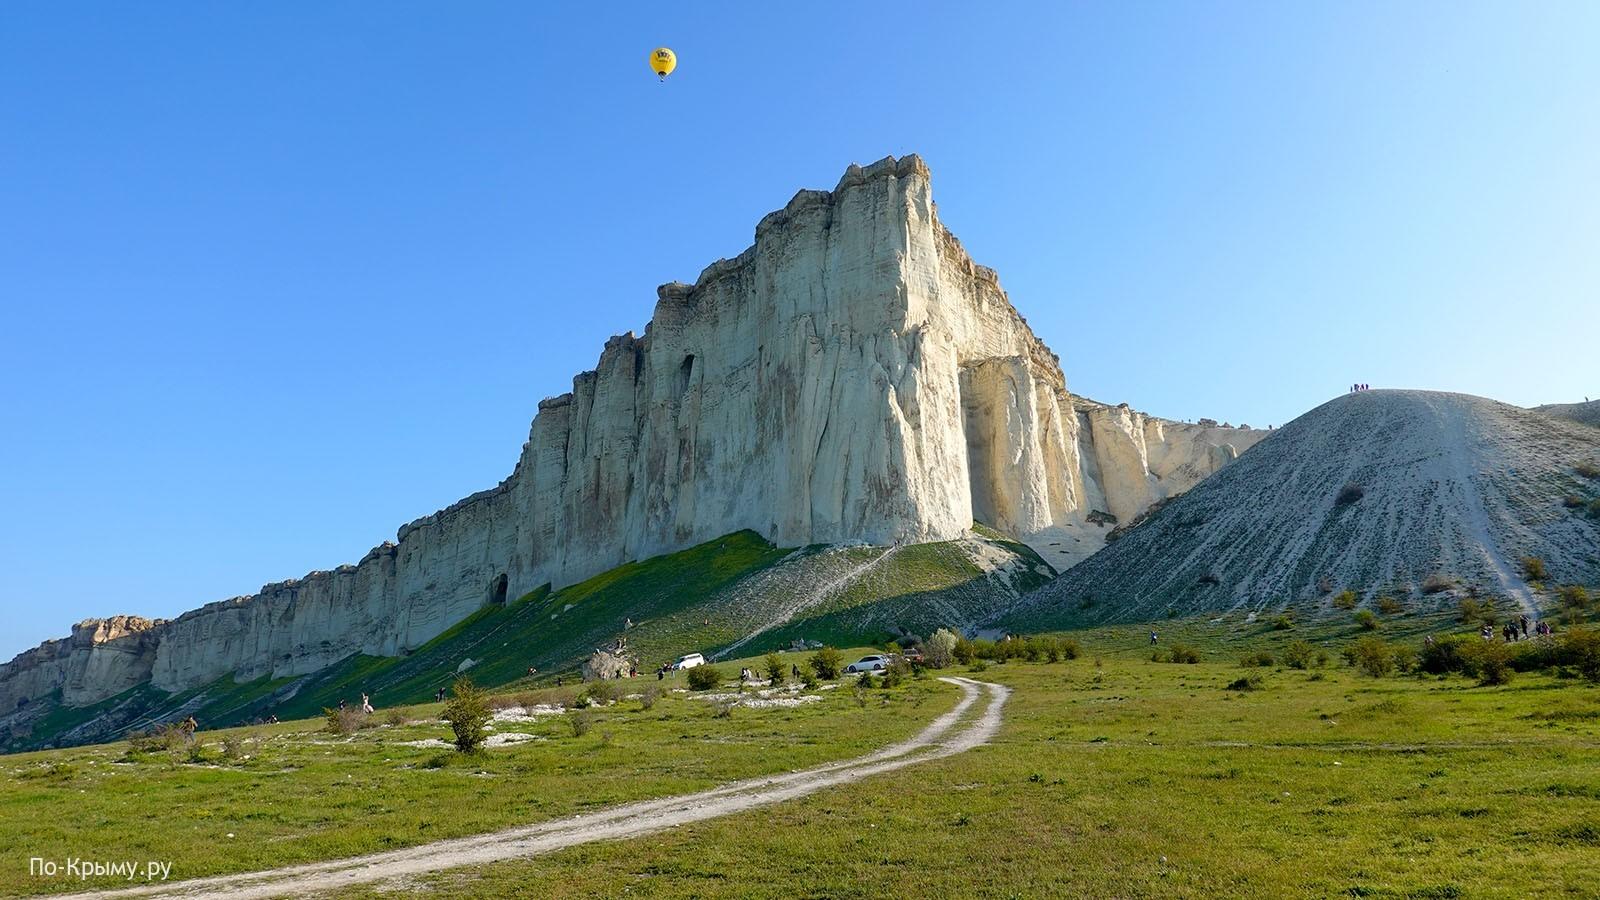 Слет воздухоплавателей, Крым - парад воздушных шаров